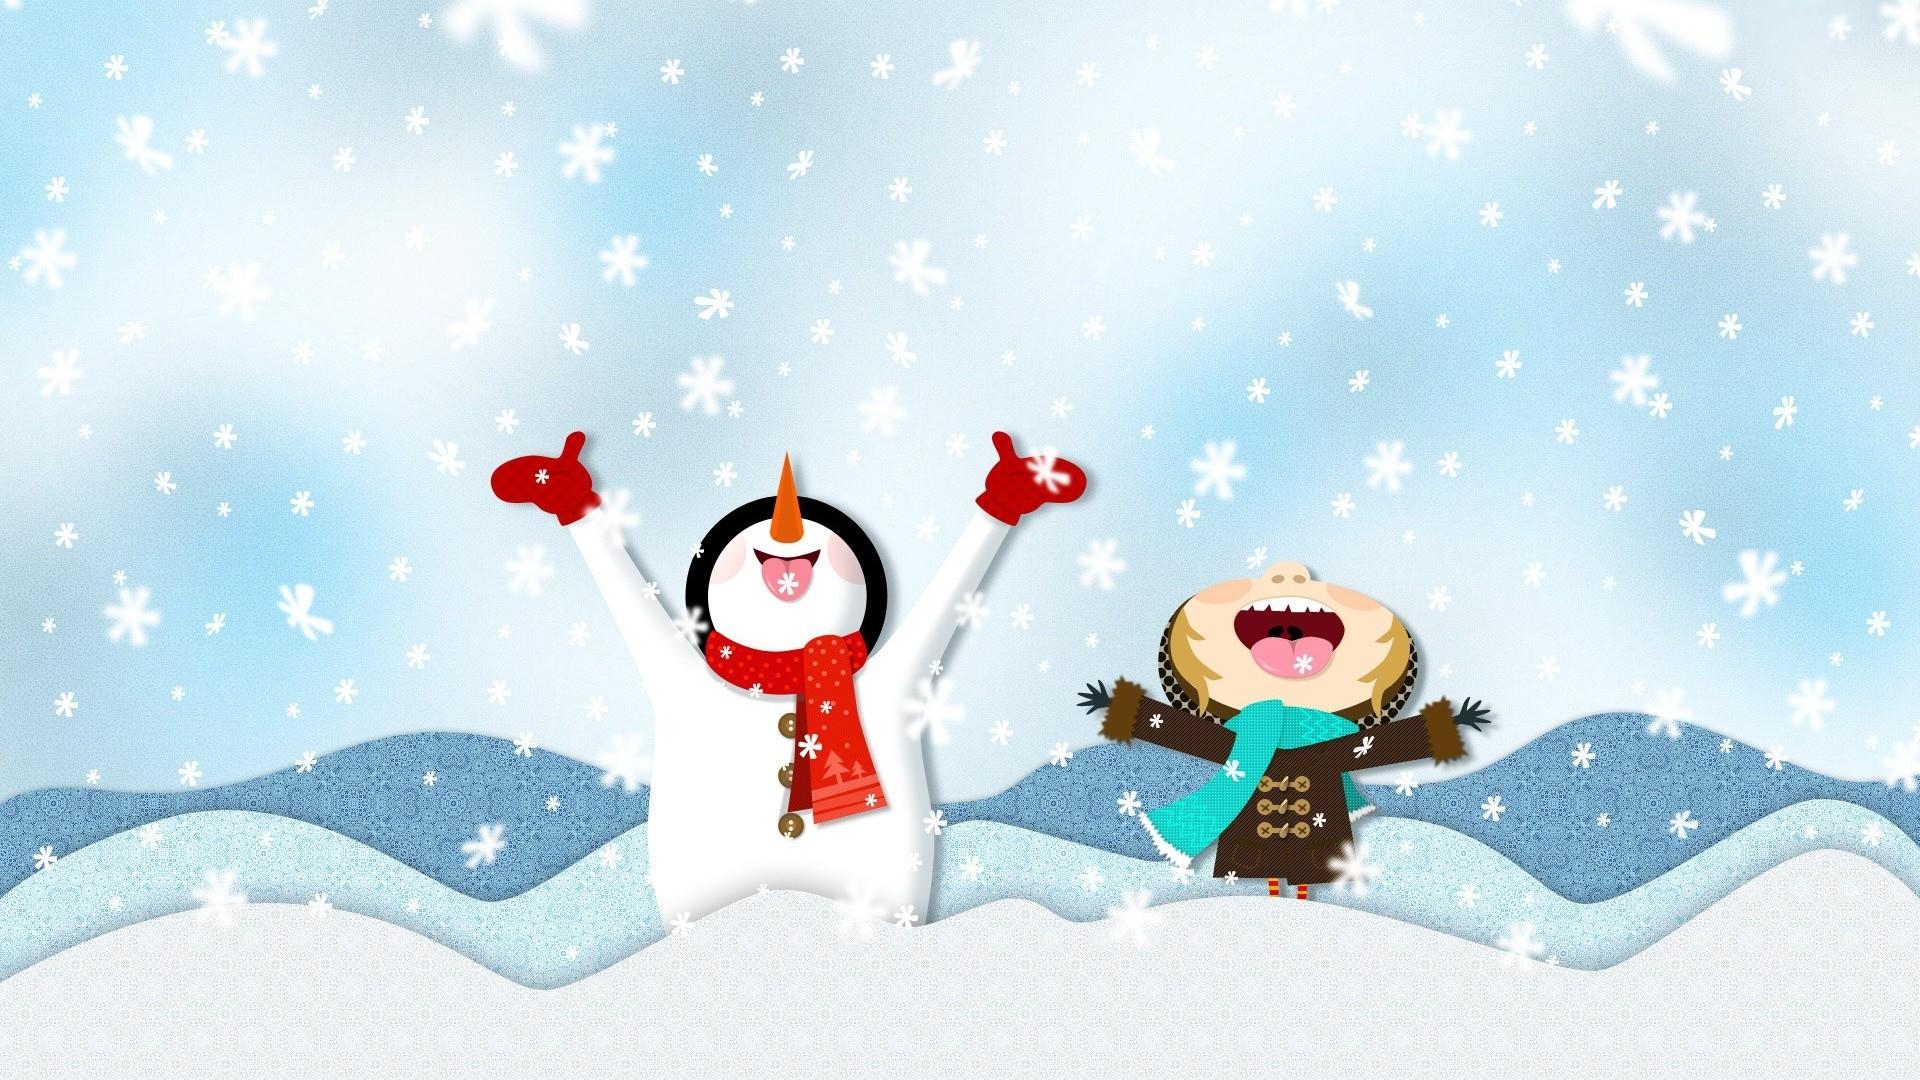 Best Winter Snow Cartoon HD Wallpaper of Winter   hdwallpaper2013com 1920x1080